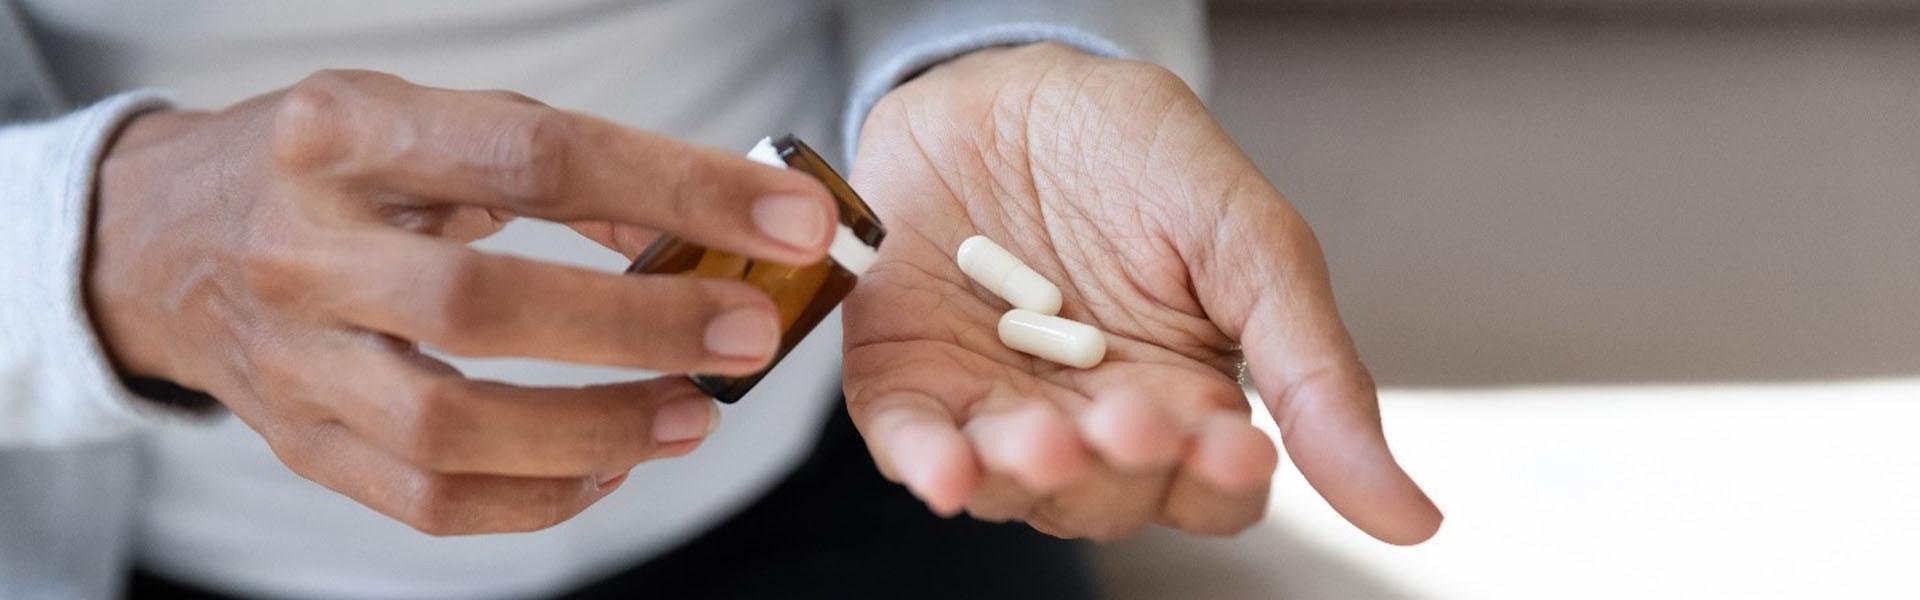 نکاتی که قبل از مصرف دارو آنتی بیوتیک باید رعایت کنید|How to Take Antibiotics Safely